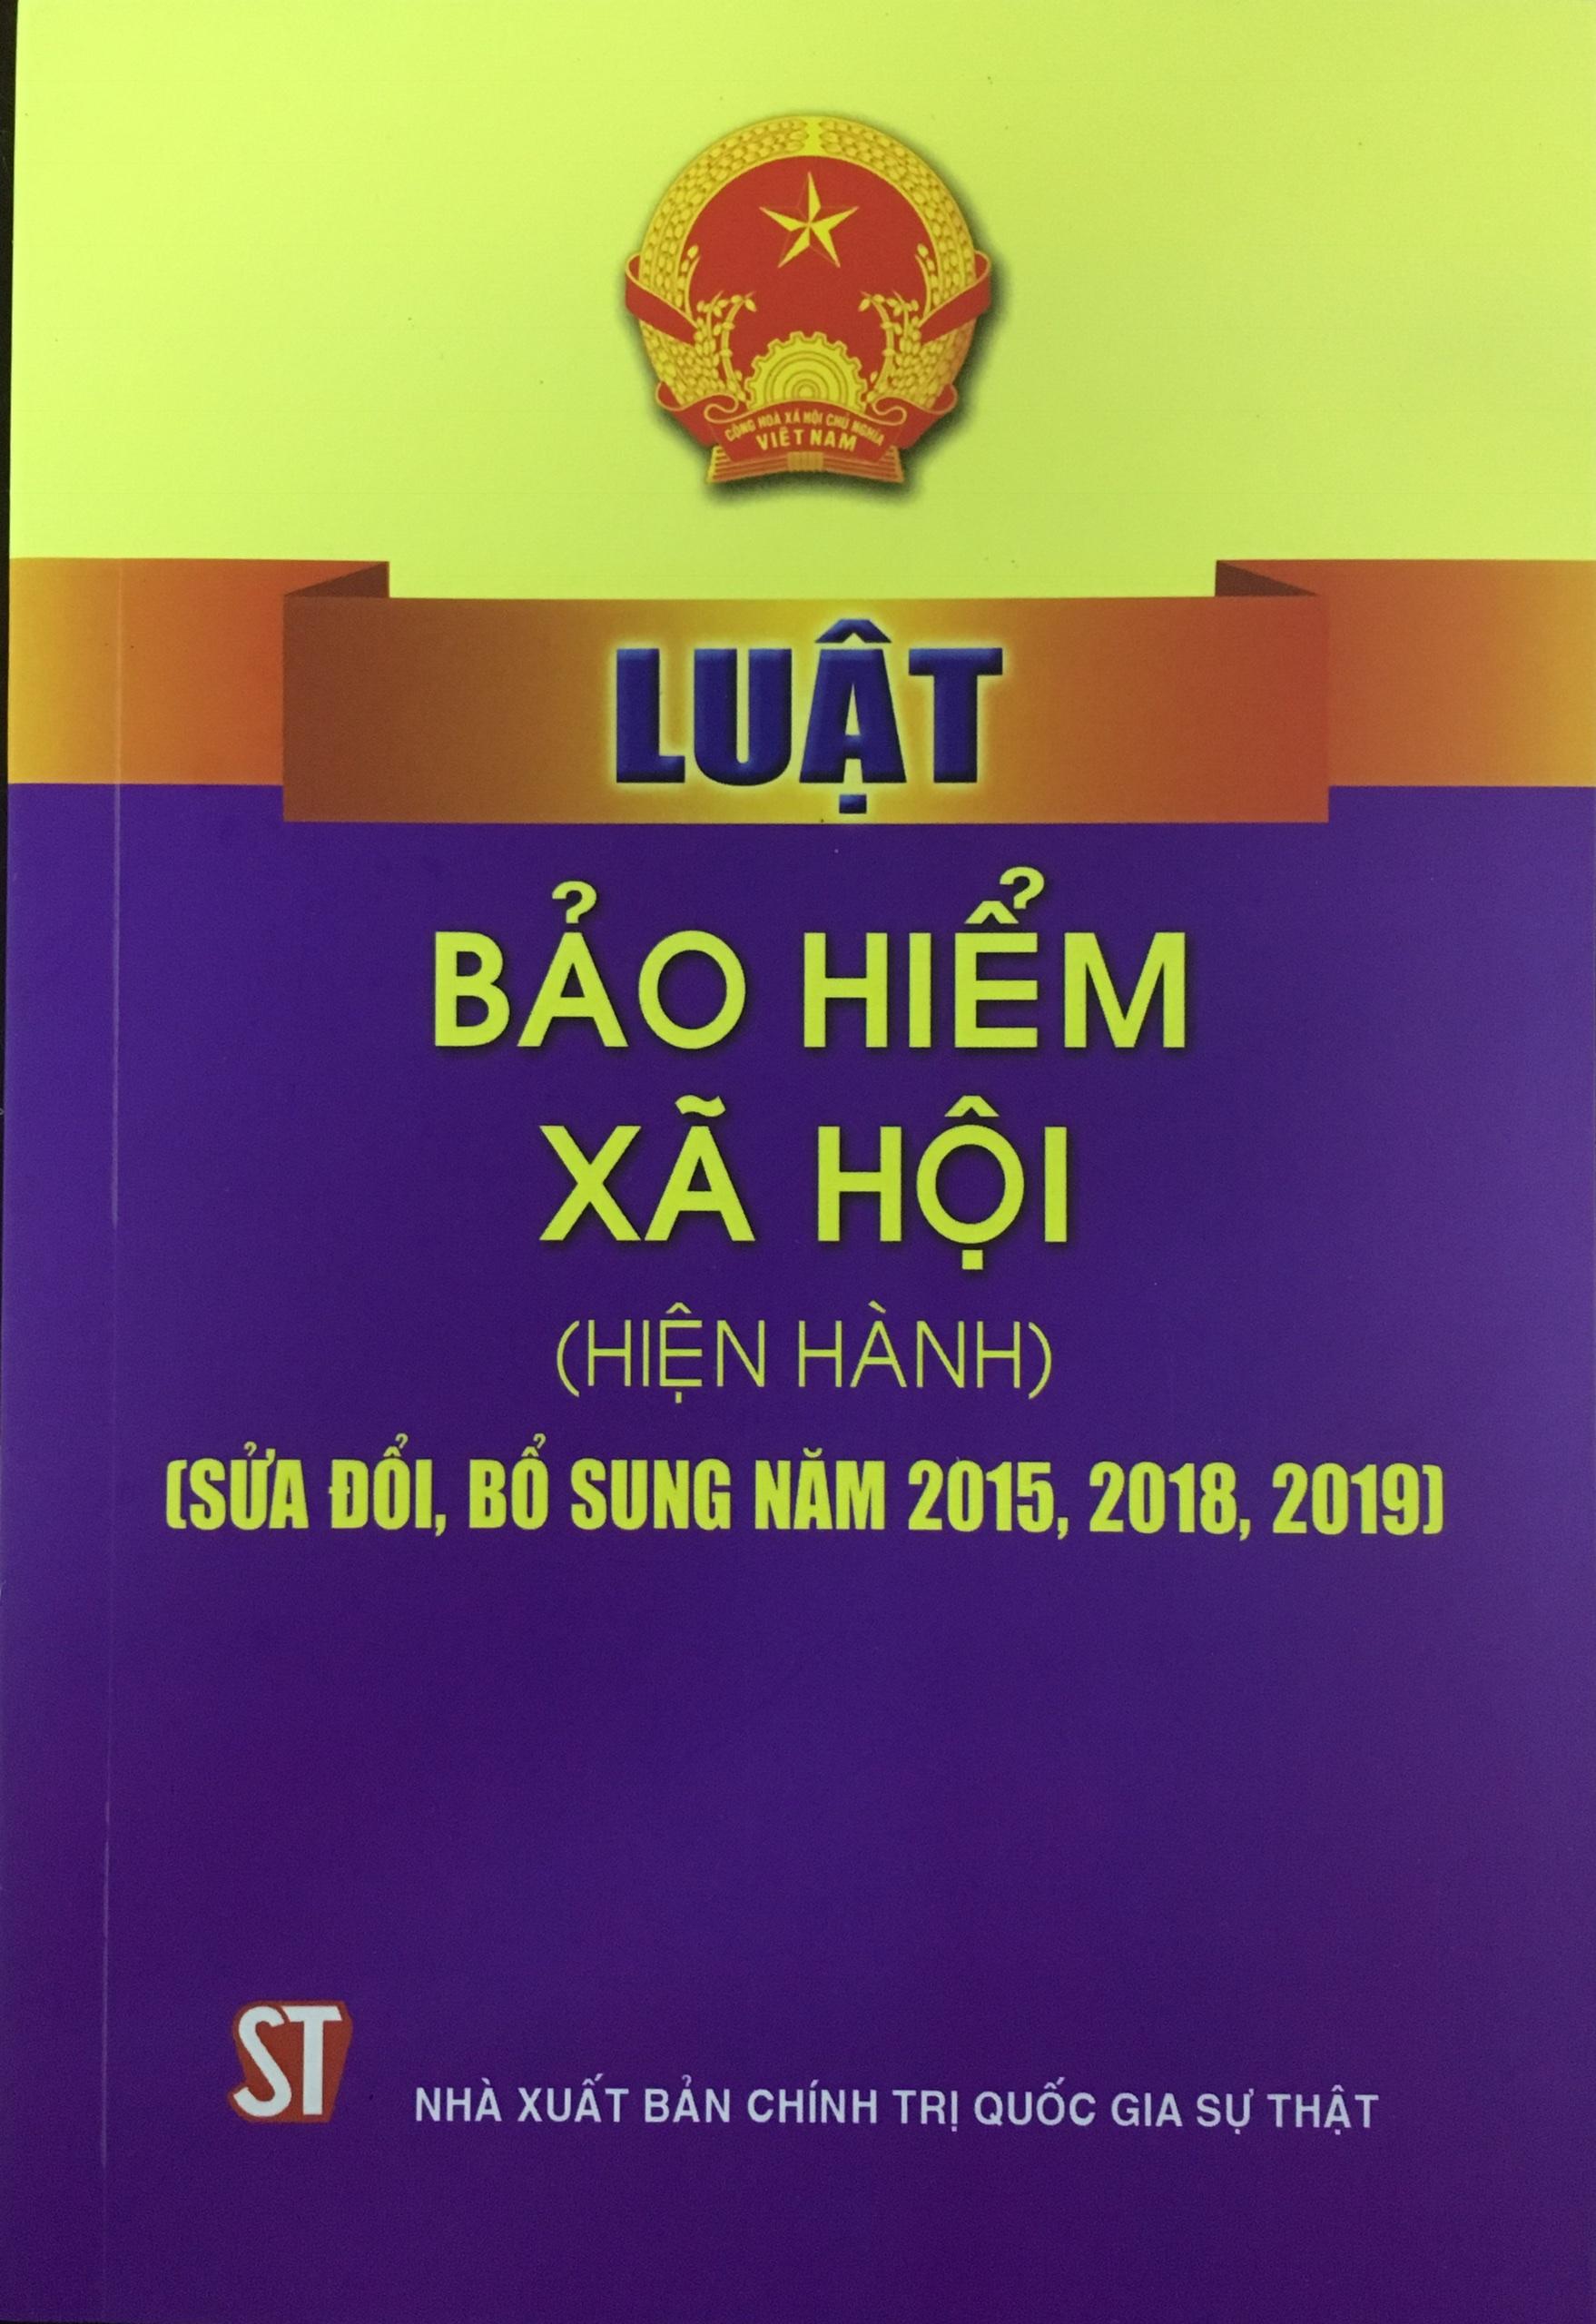 Luật Bảo hiểm xã hội (hiện hành) (sửa đổi, bổ sung năm 2015, 2018, 2019)